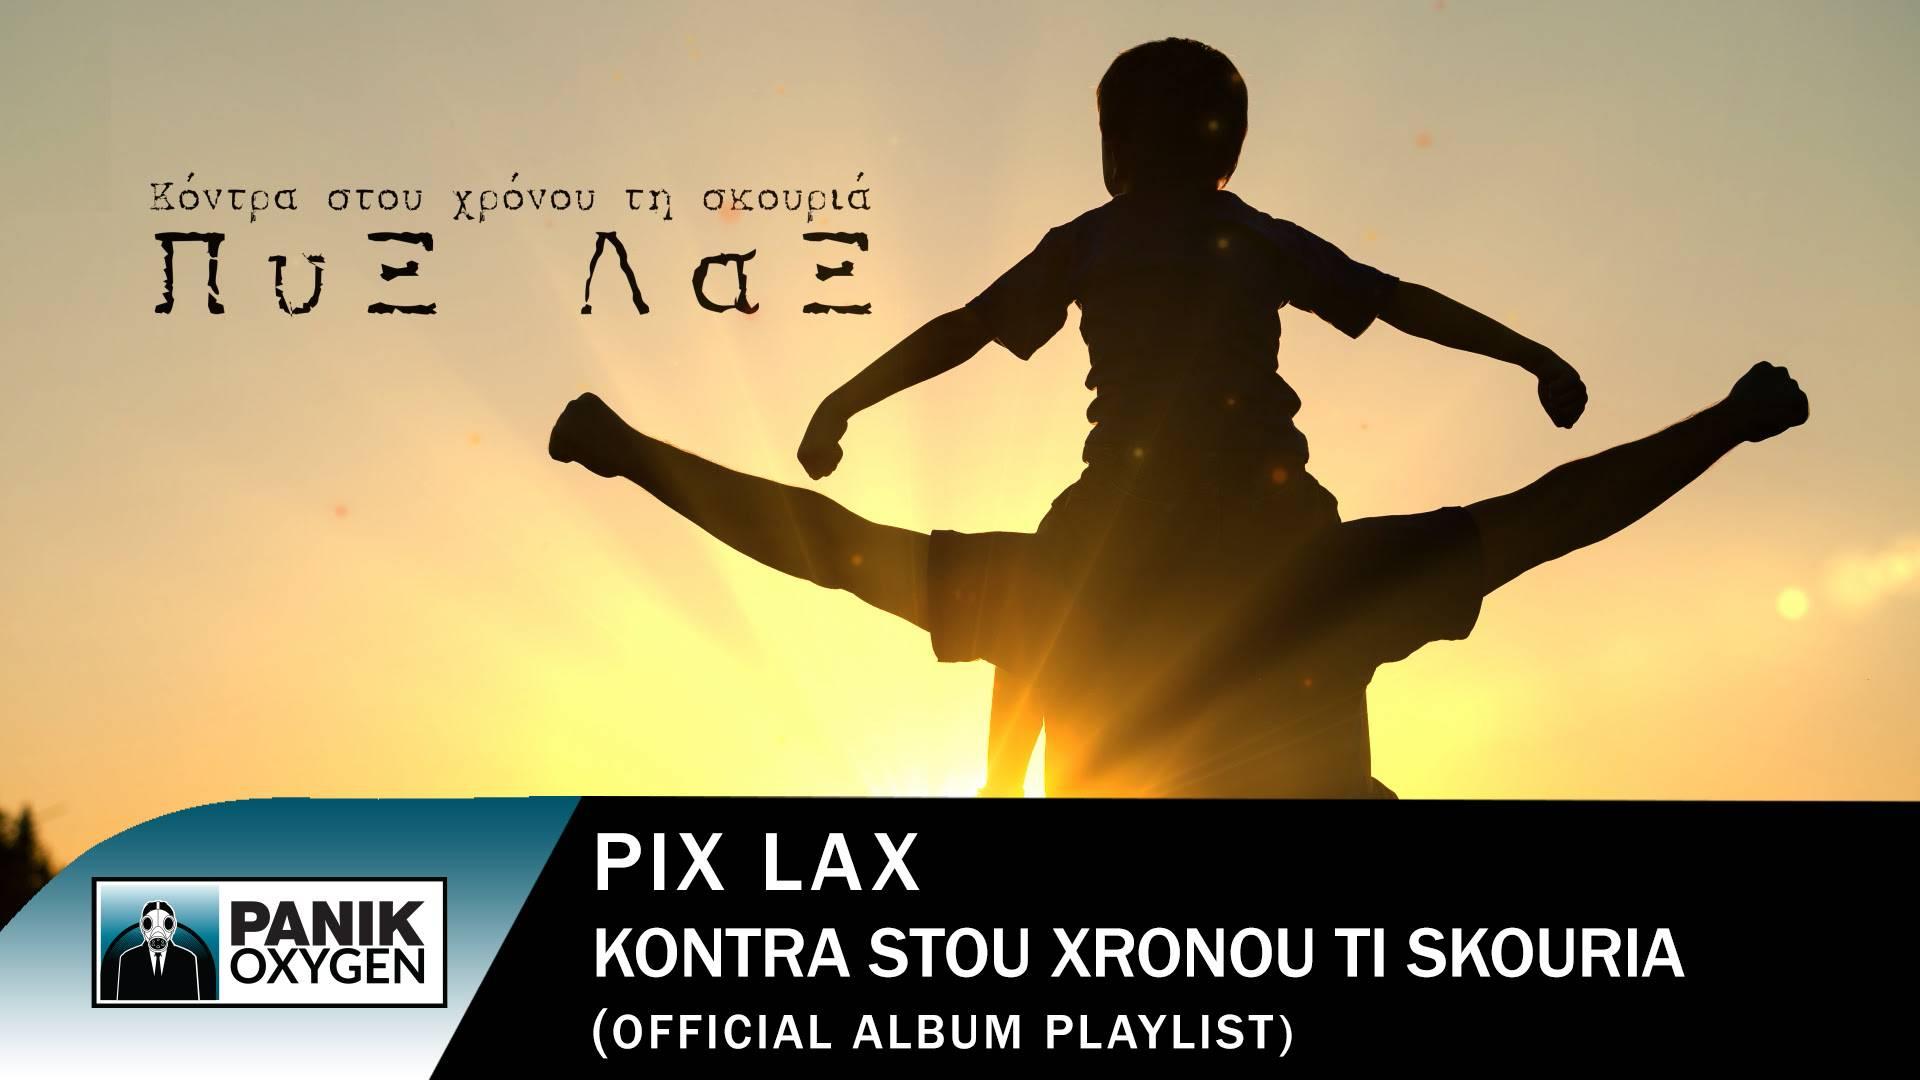 «Kόντρα Στου Χρόνου Τη Σκουριά»   Το Νέο EP των Πυξ Λαξ κυκλοφορεί από την Panik Oxygen